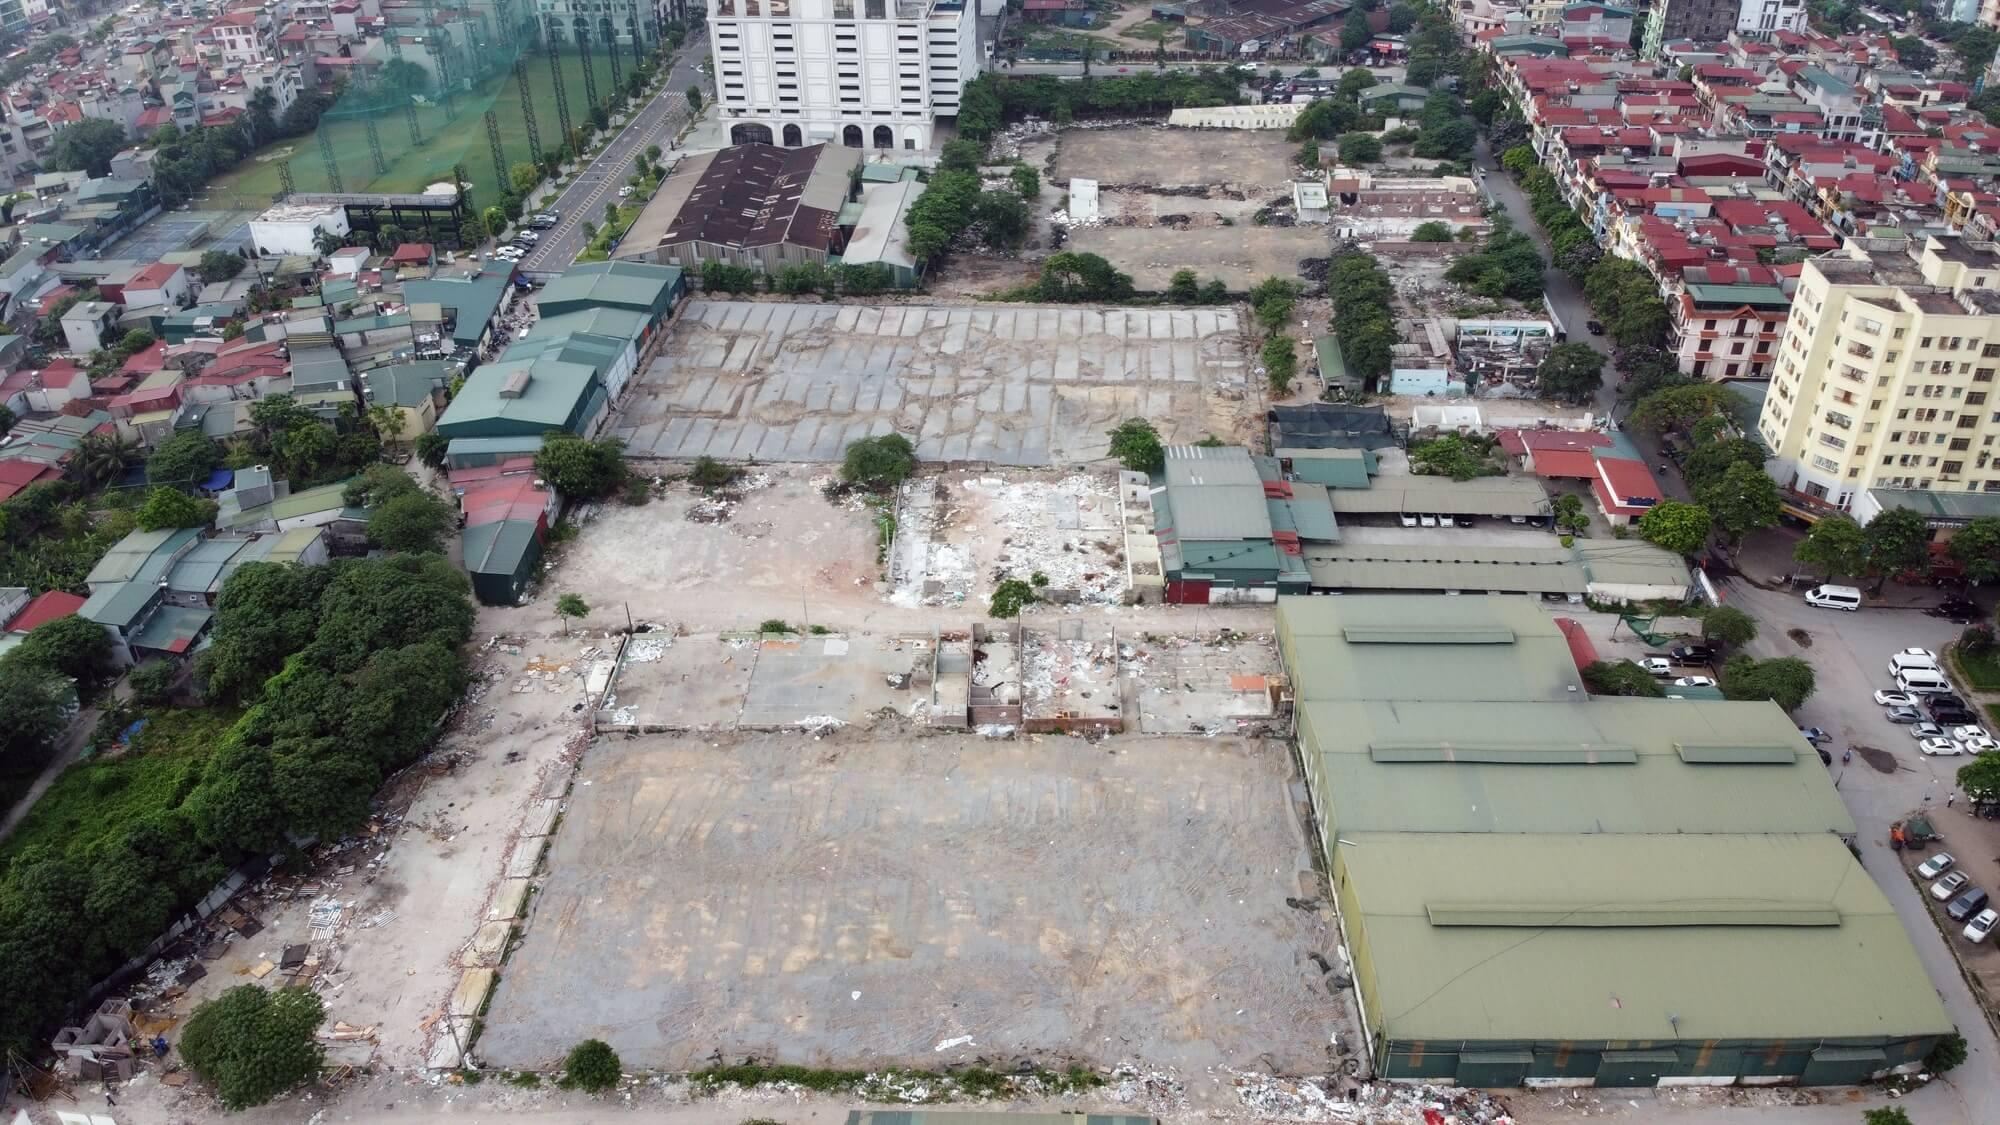 Theo tổng thể quy hoạch, vị trí lô đất thuộc phường Đại Kim, Thịnh Liệt, Hoàng Mai.